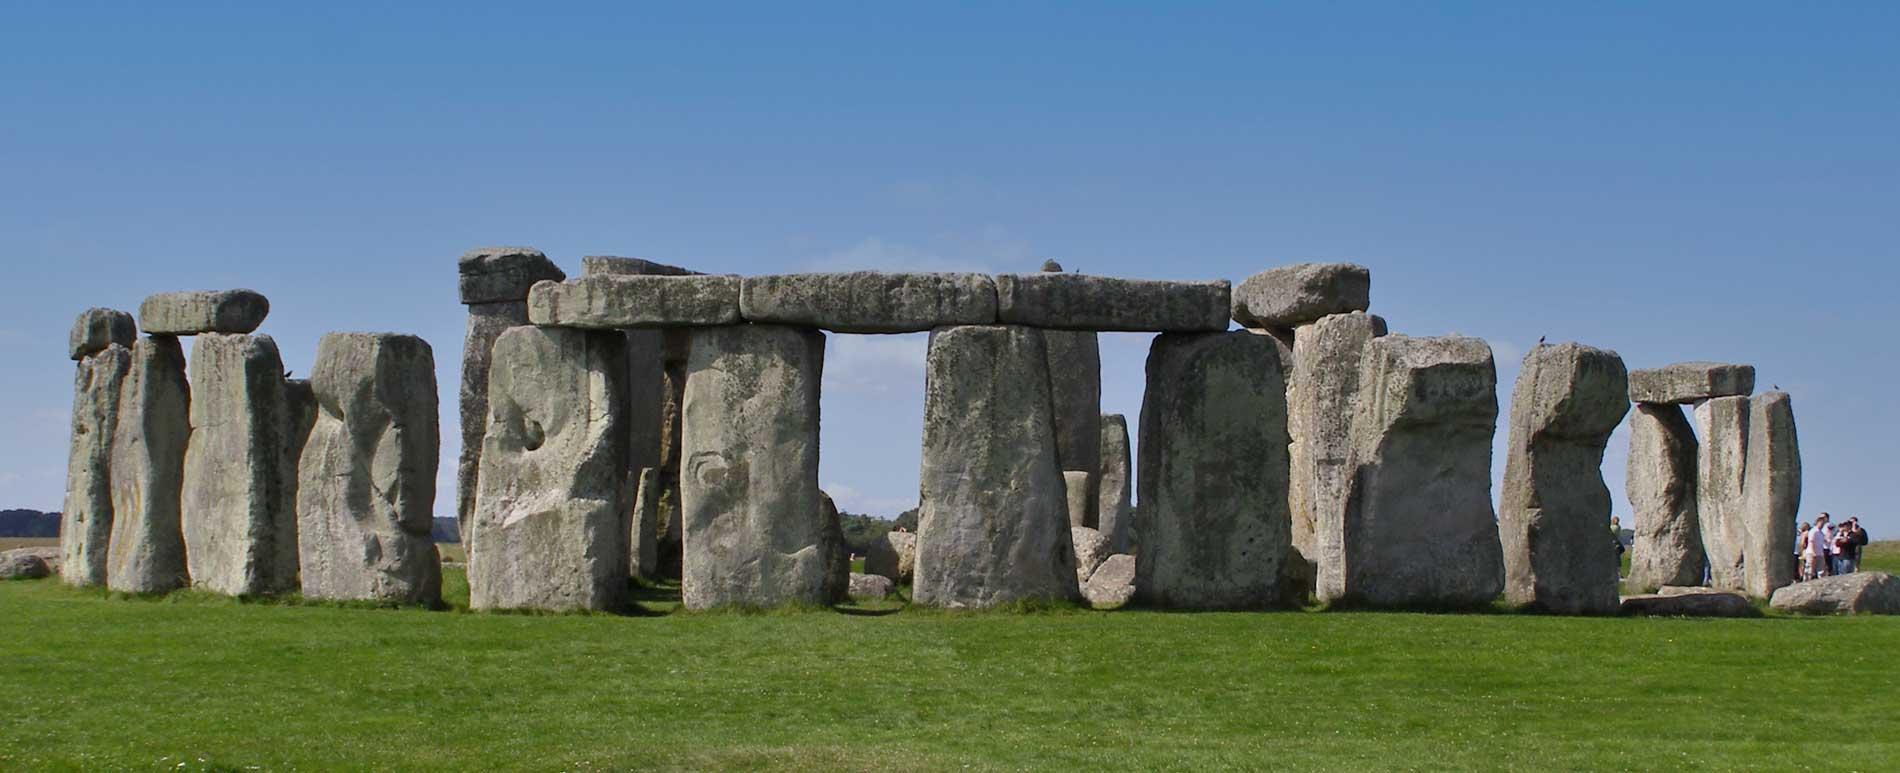 Wedding Stonehenge